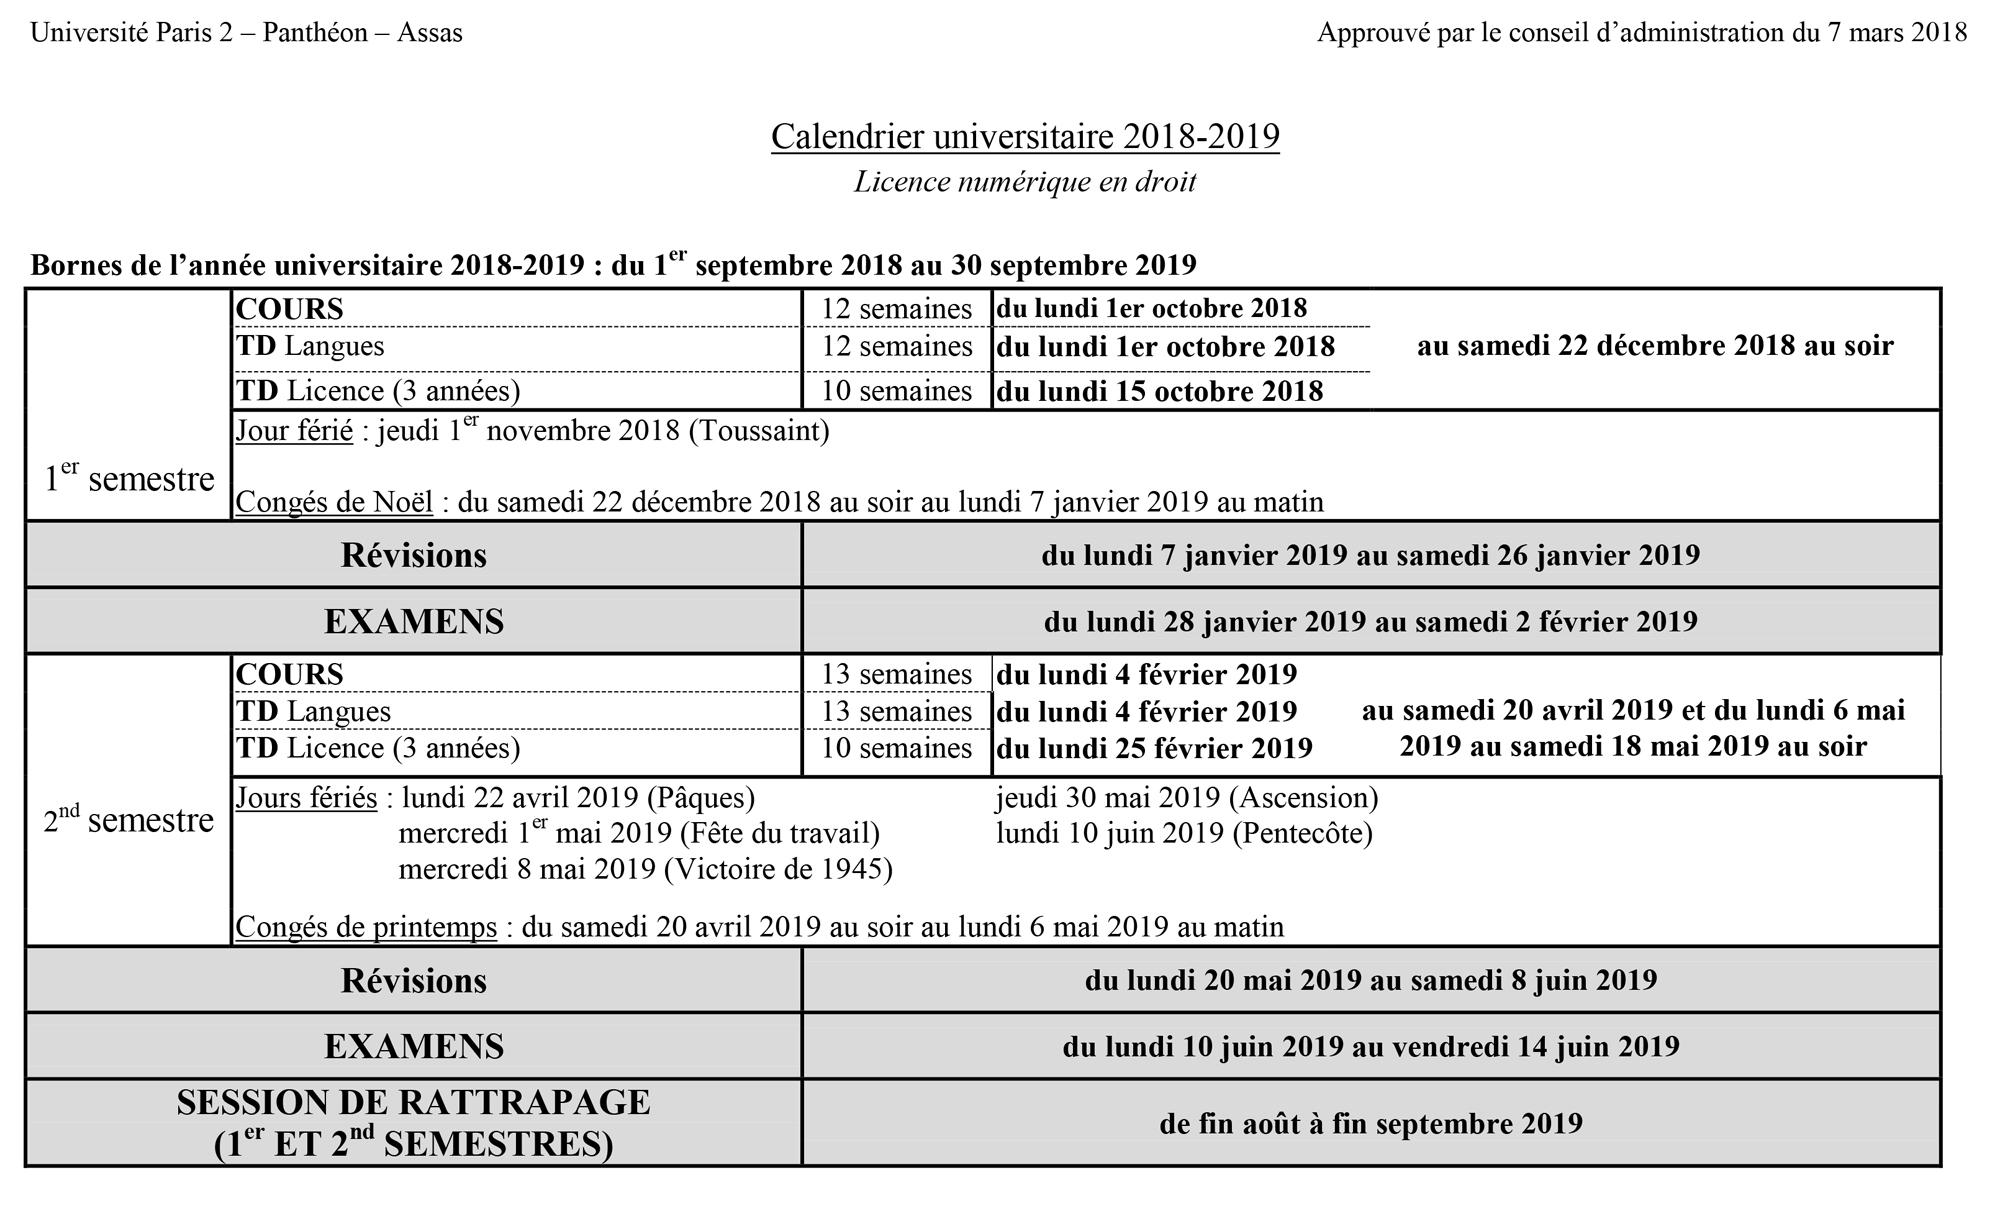 Assas Calendrier Universitaire.Calendrier Universitaire 2018 2019 Universite Paris 2